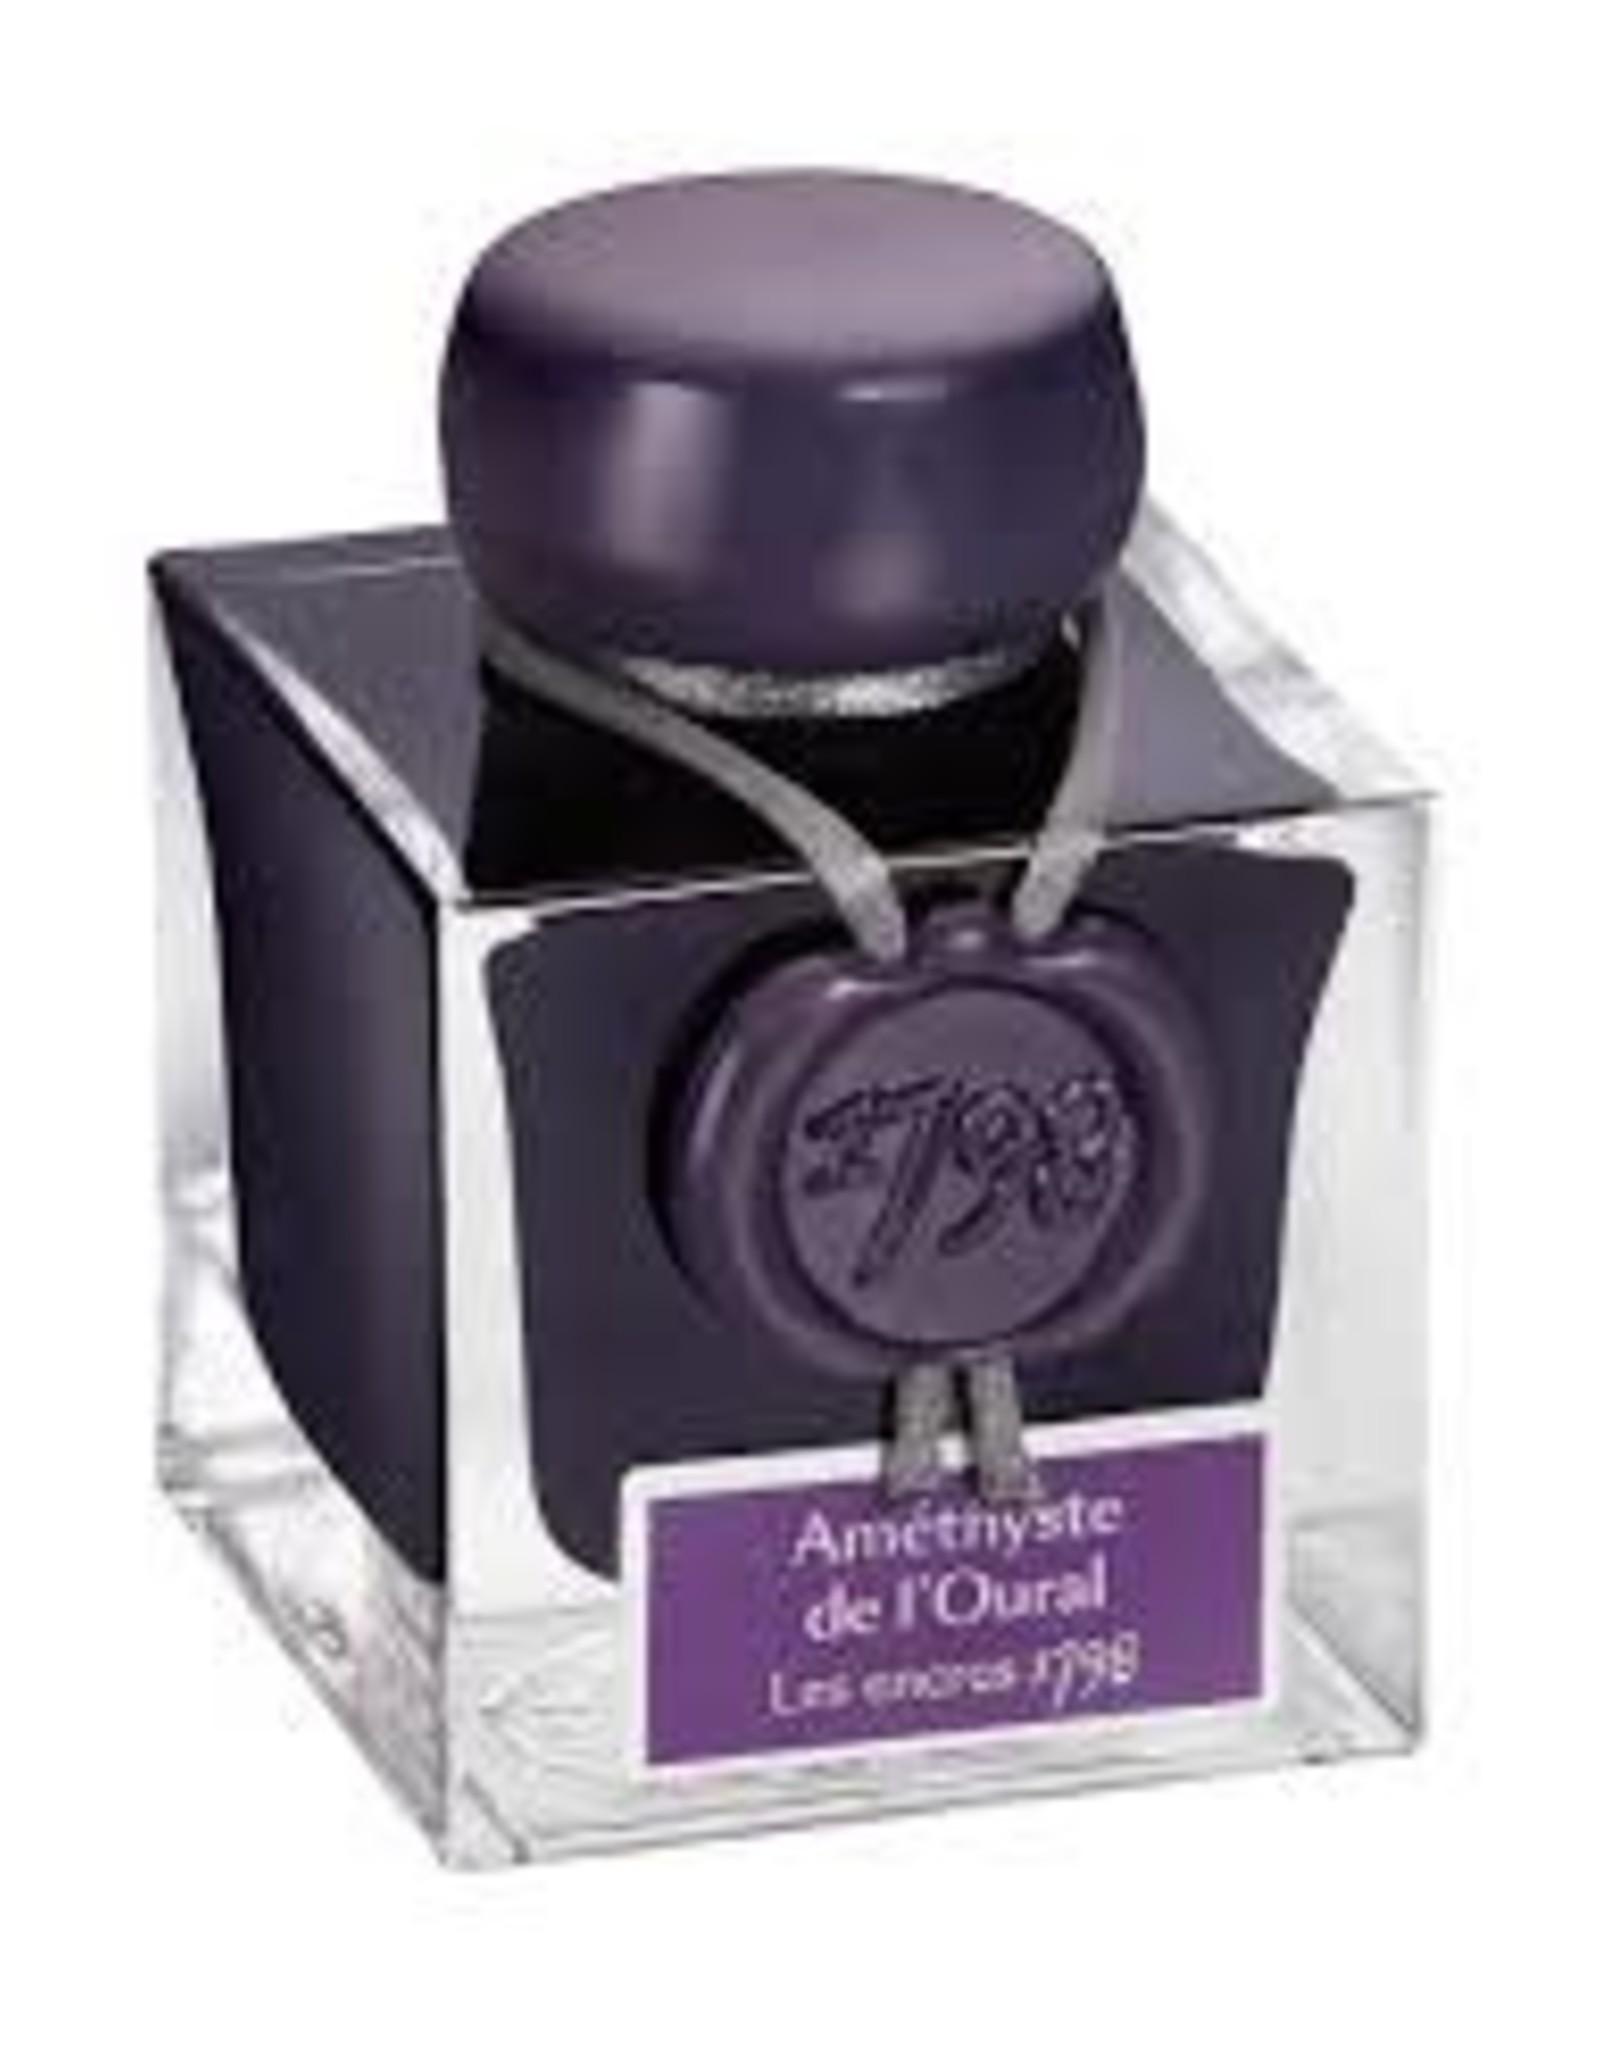 Herbin 1798 Anniversary Inks, Silver Sheen 50ml Bottle, Amethyste de L'Oural